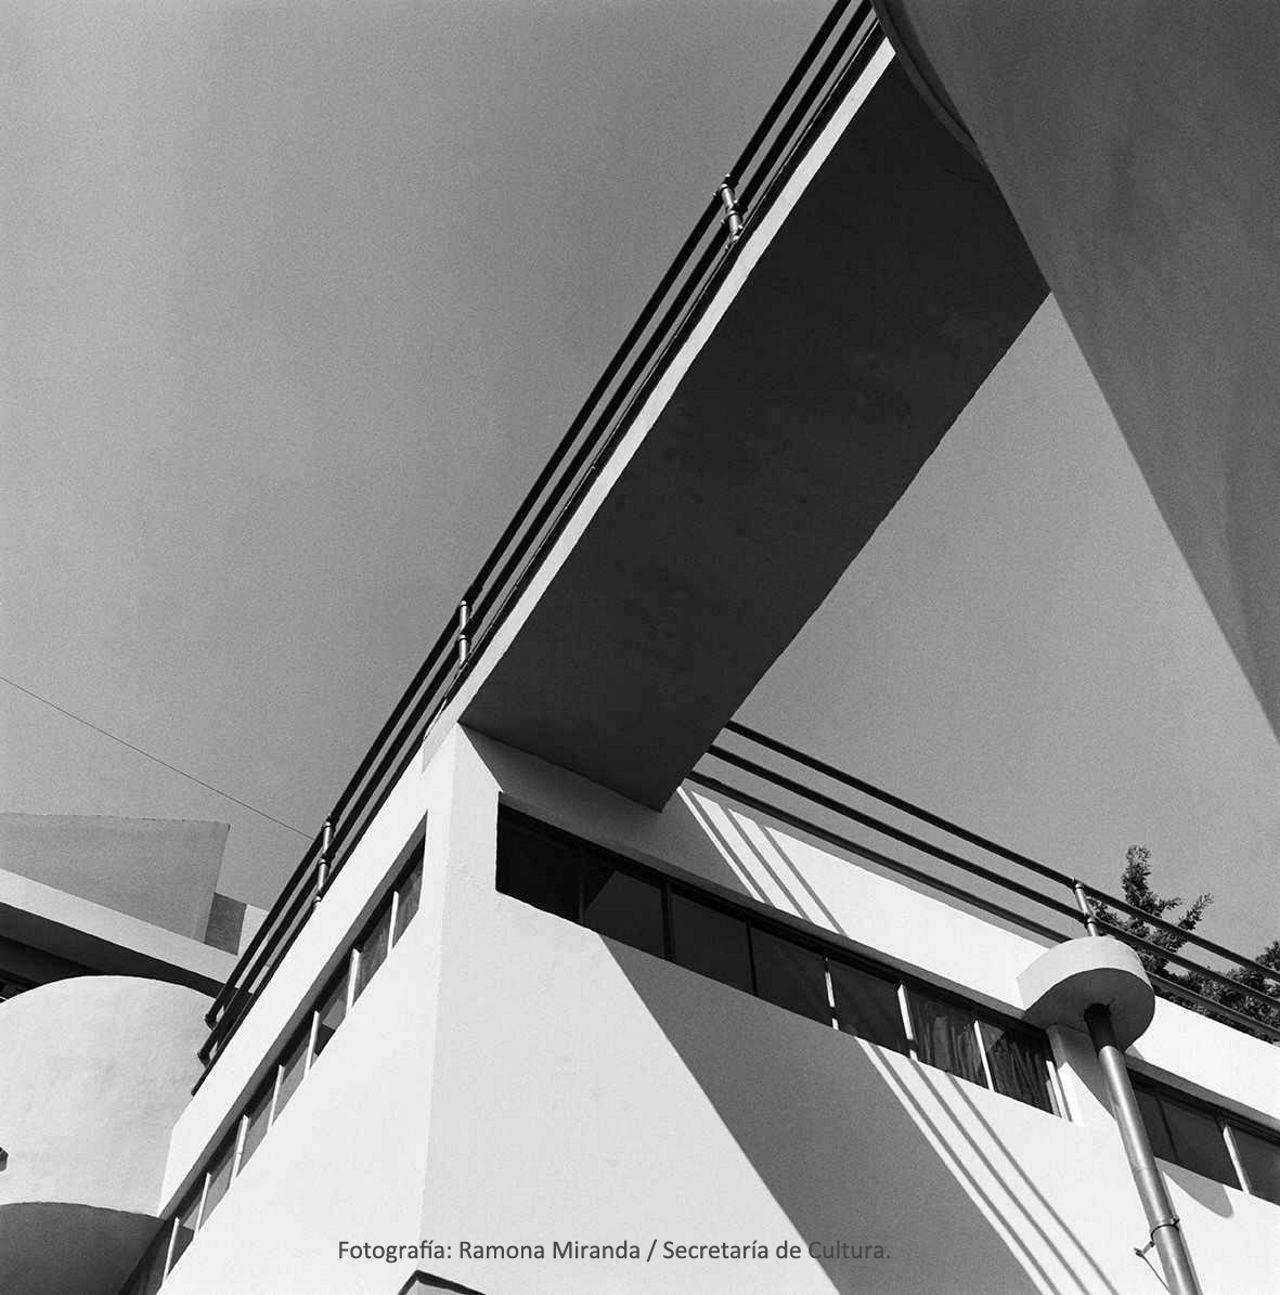 Lo Concreto. Fotografía Arquitectónica y Abstracta de Cristina Kahlo : Fotografía © Ramona Miranda / Secretaría de Cultura